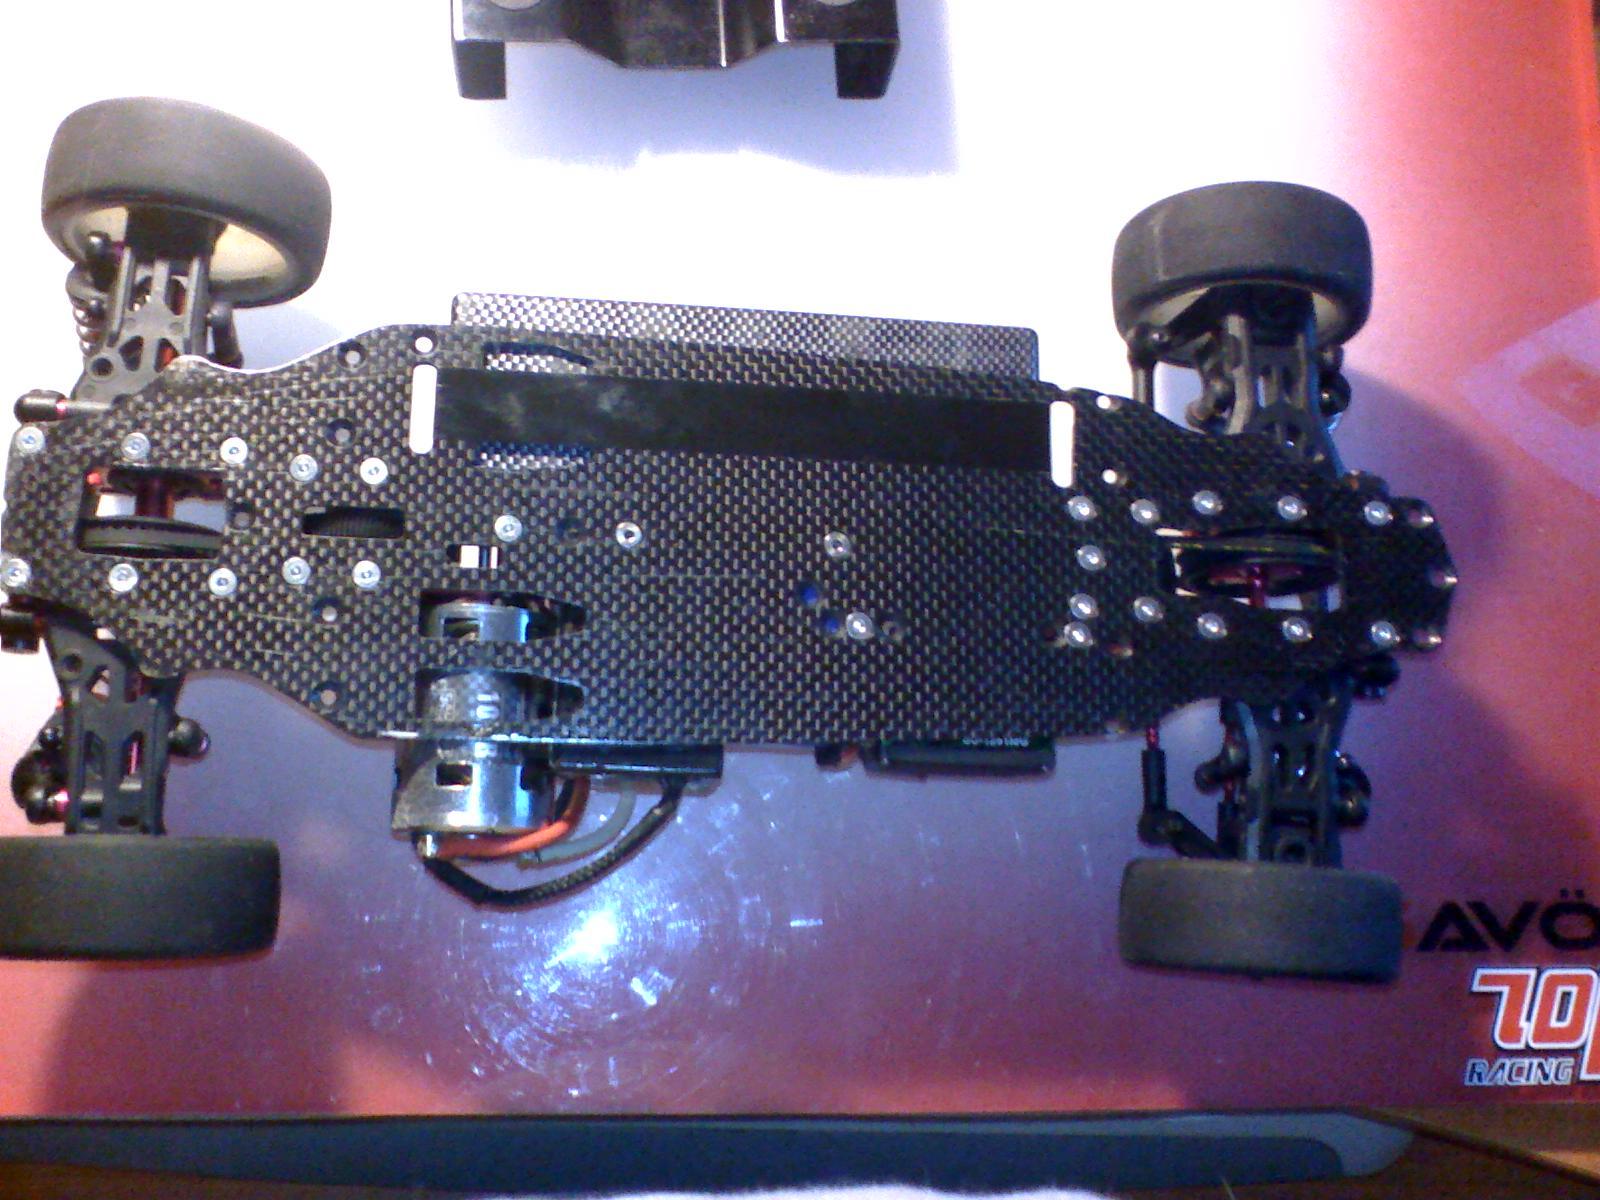 741790d1303500709-t-o-p-racing-photon-1-10-ep-touring-car-22-04-11_2054.jpg